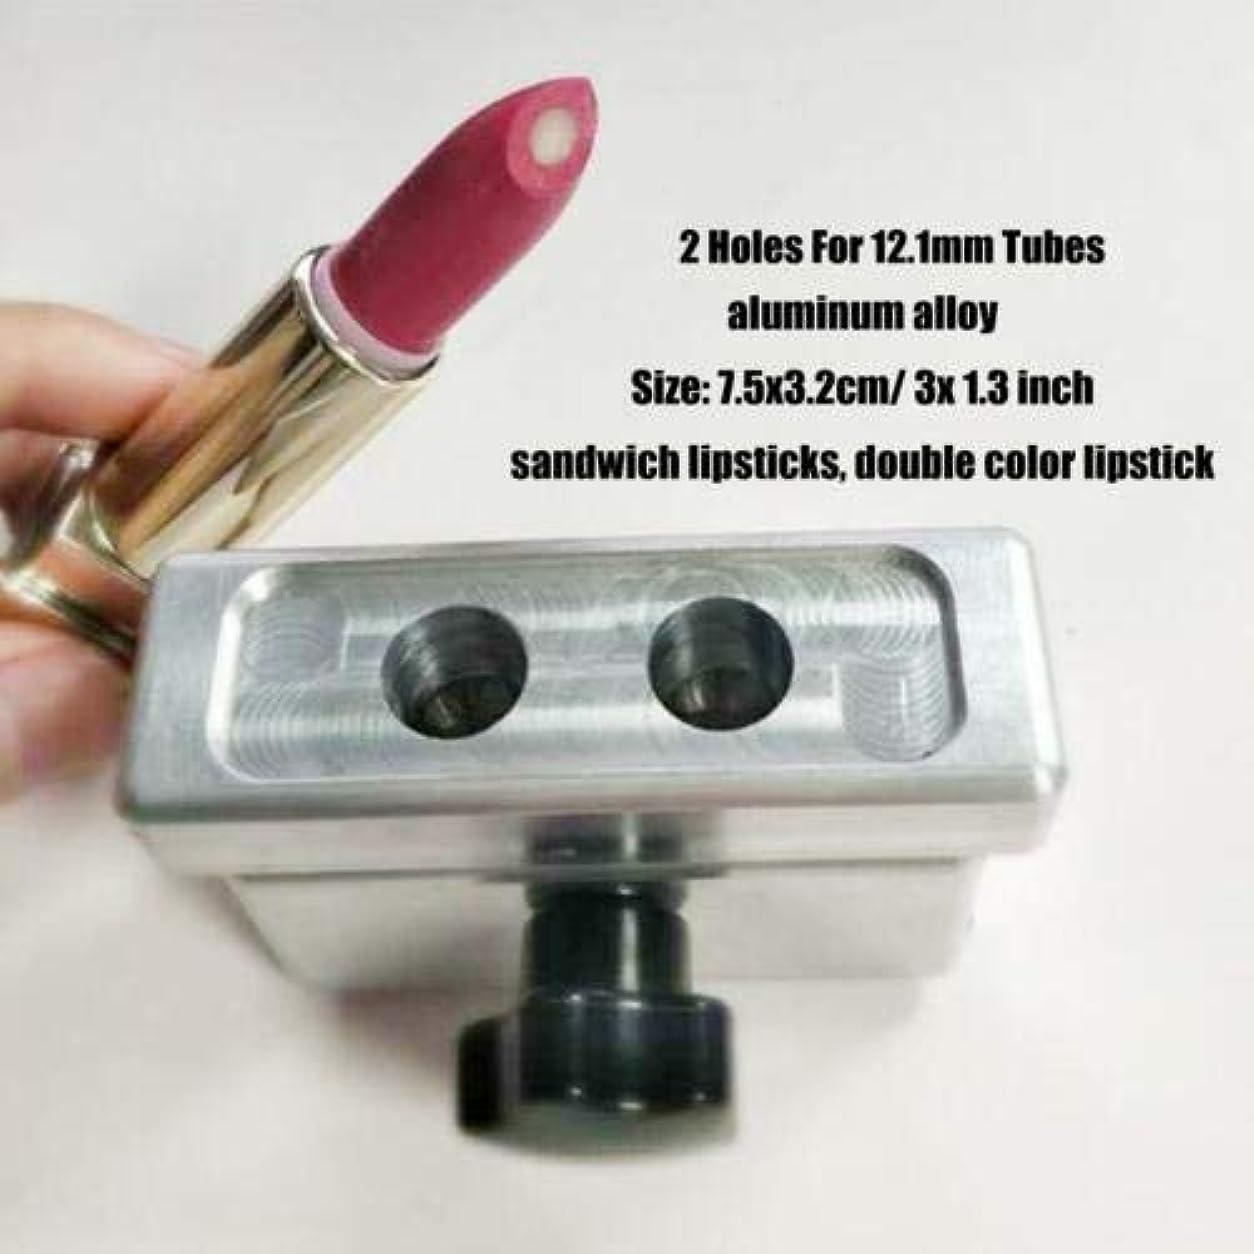 ファッション撃退する力学FidgetGear DIY口紅型リップスティック型メーカー2 4 6穴用9 mm 11.1 mm 12.1 mmチューブ #5(2穴12.1mm)